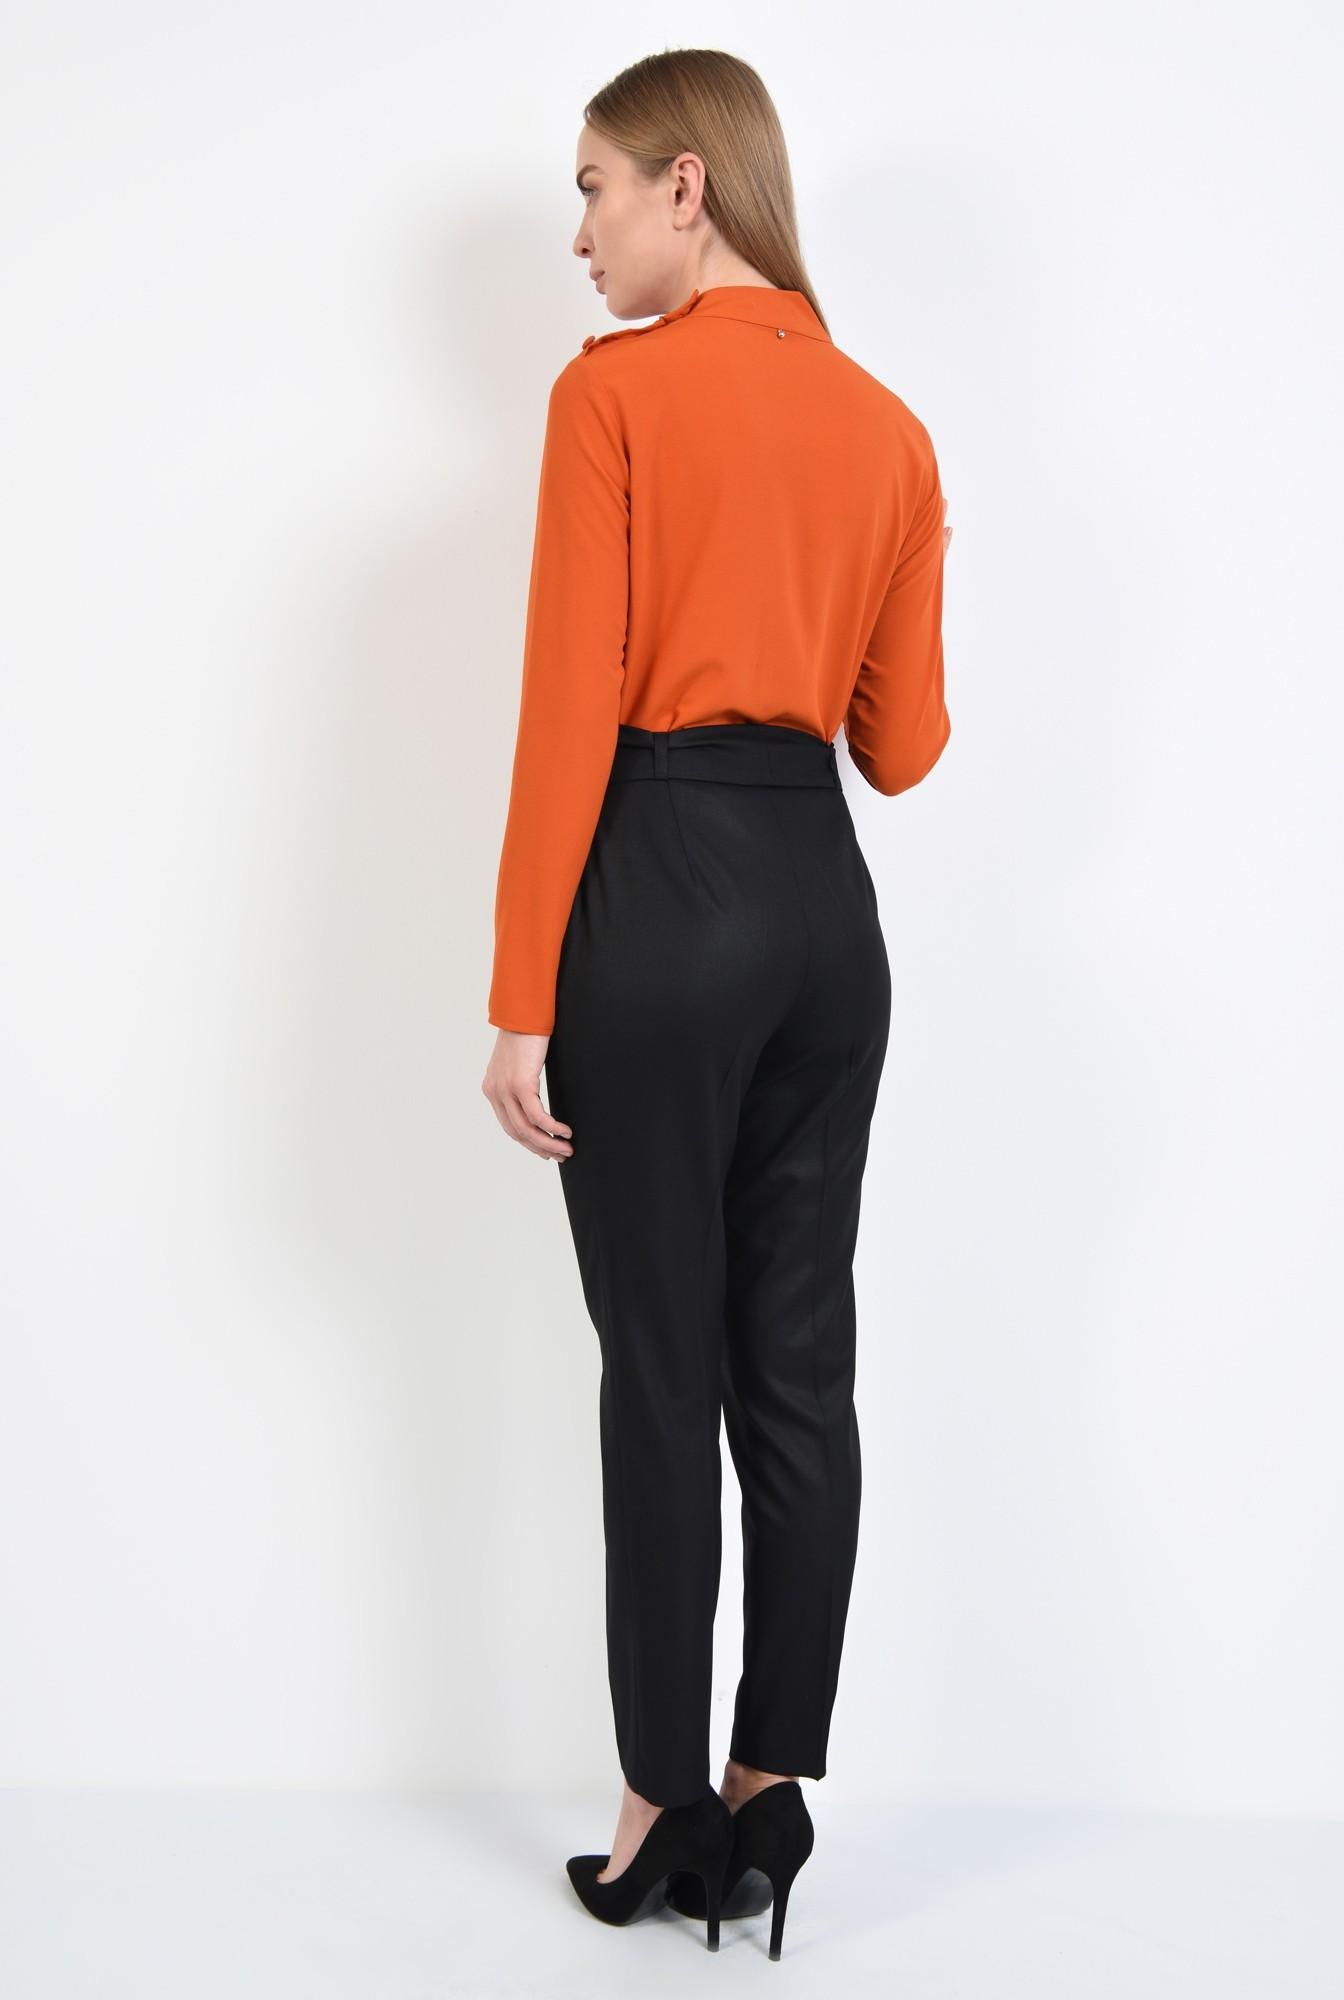 1 - pantaloni cu funda, talie medie, cordon, croi tigareta